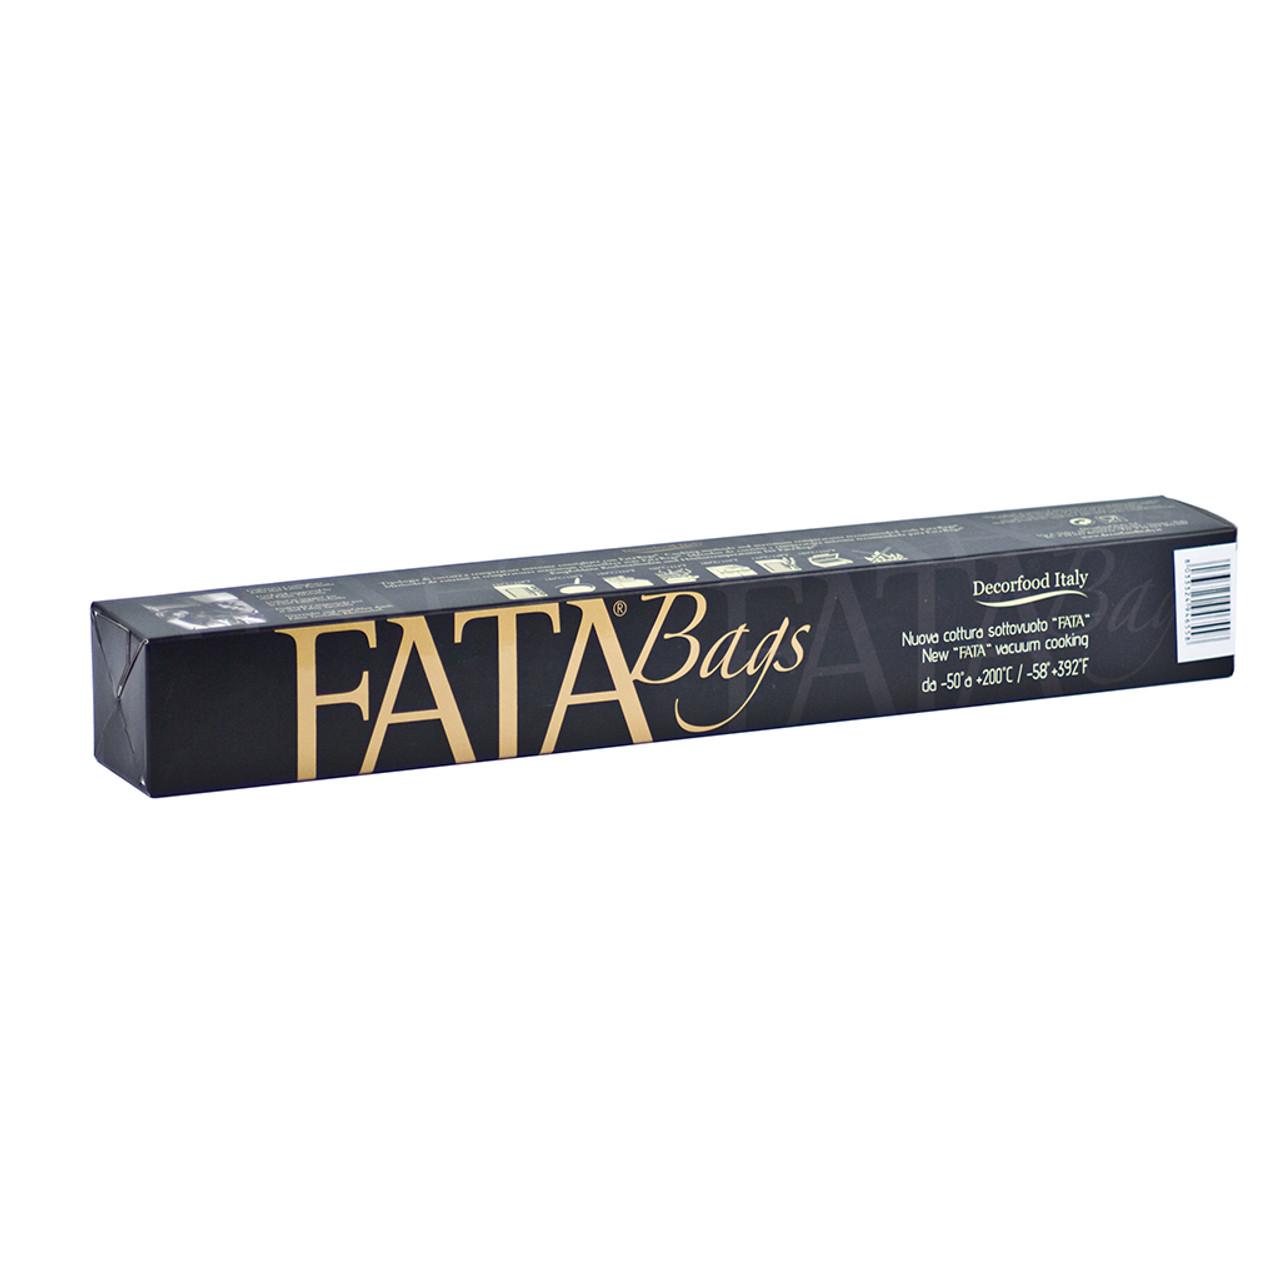 Fata Bags 50 x 20cm x 20cm